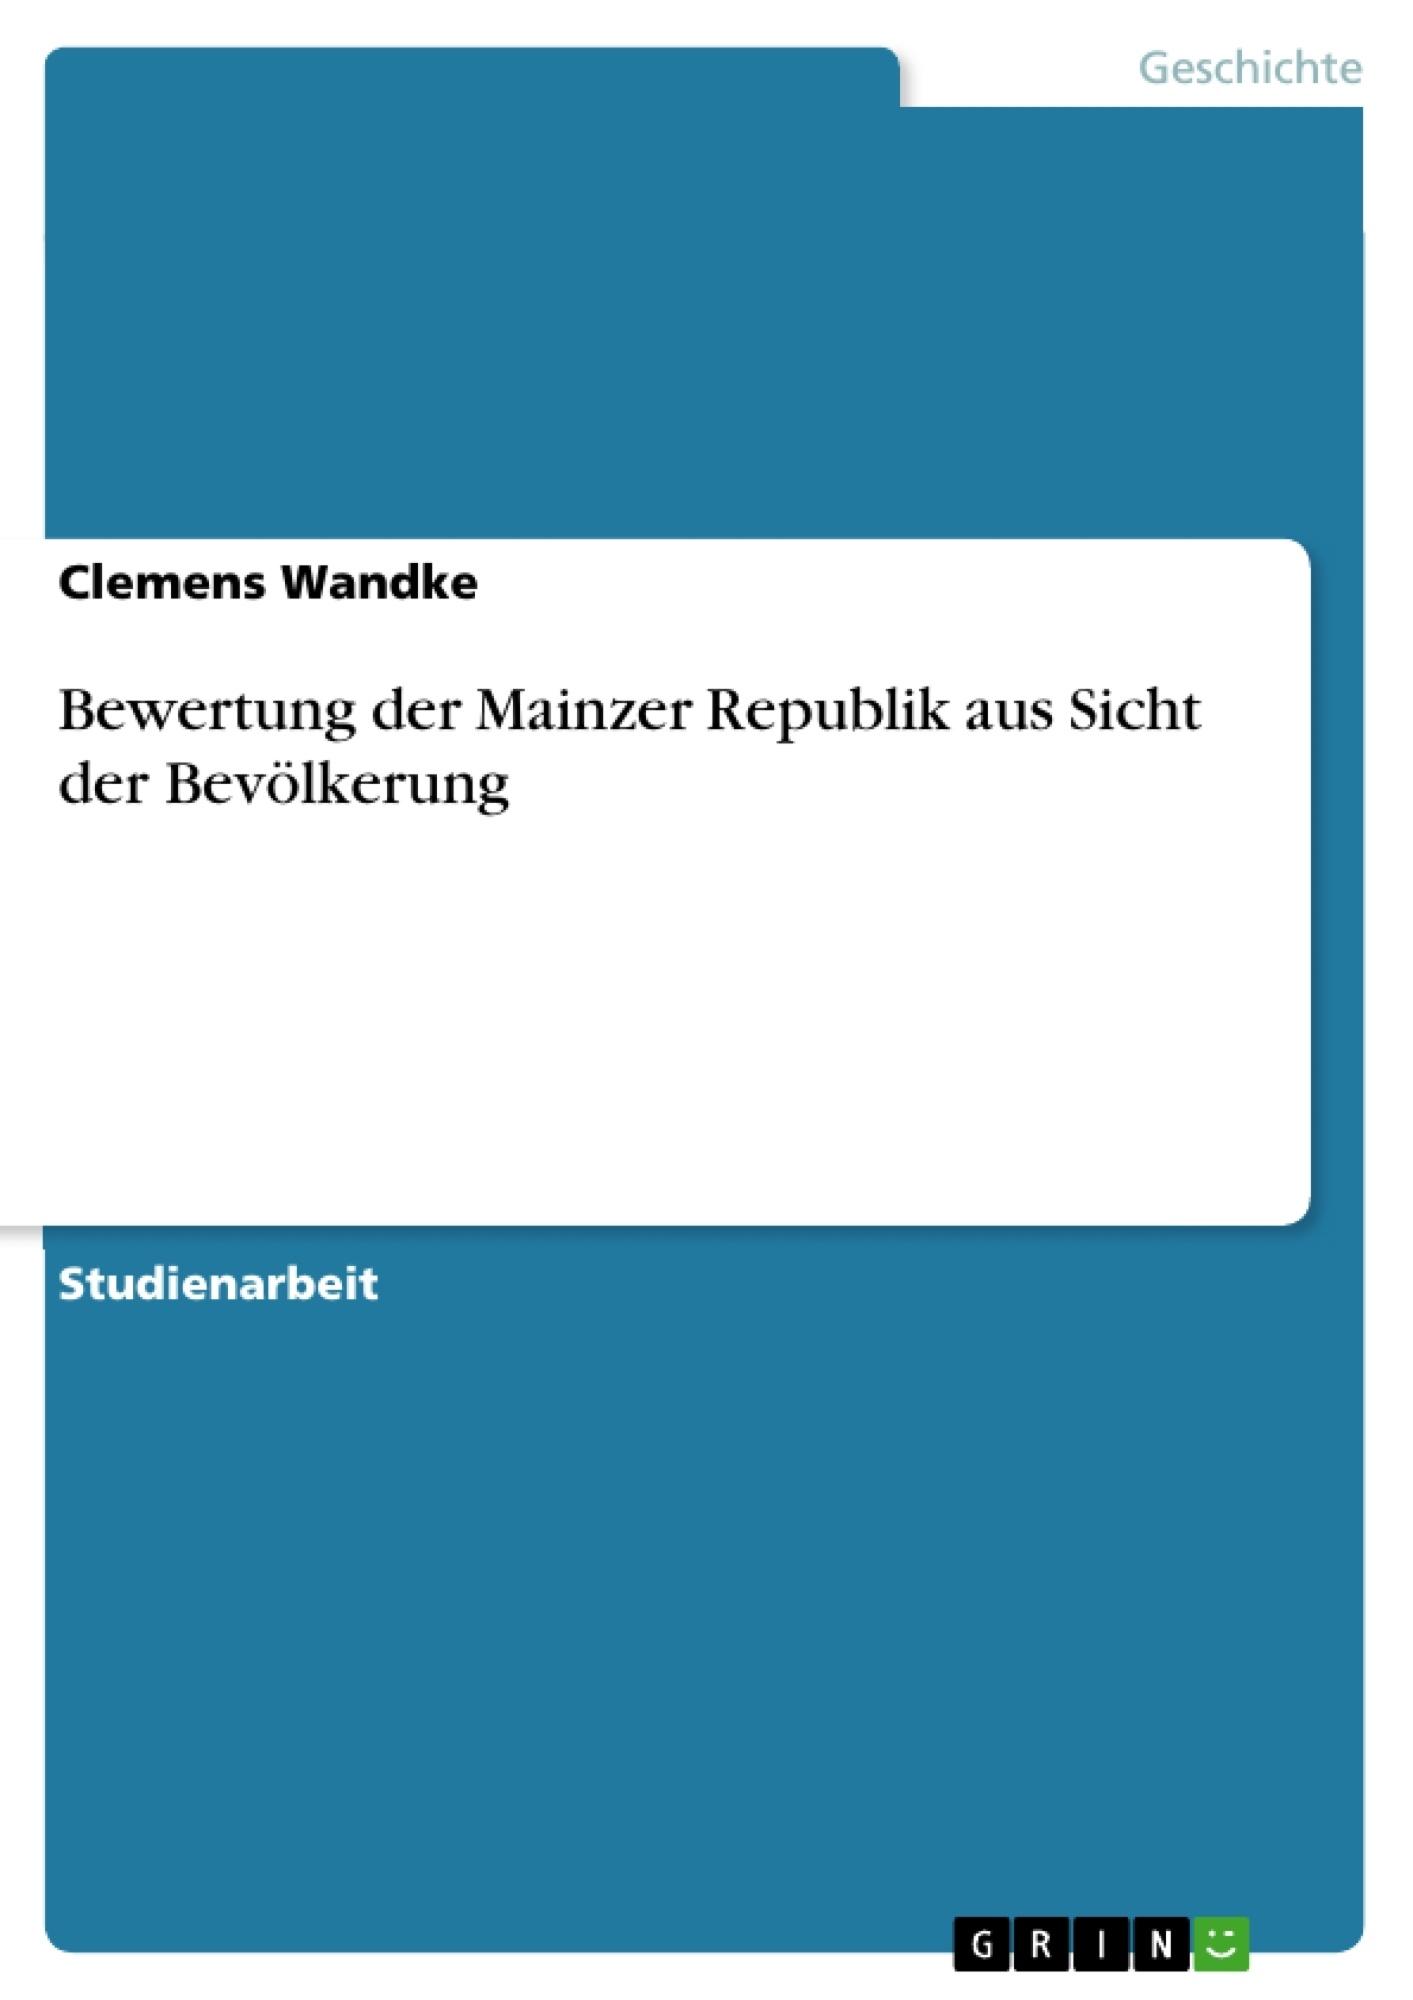 Titel: Bewertung der Mainzer Republik aus Sicht der Bevölkerung